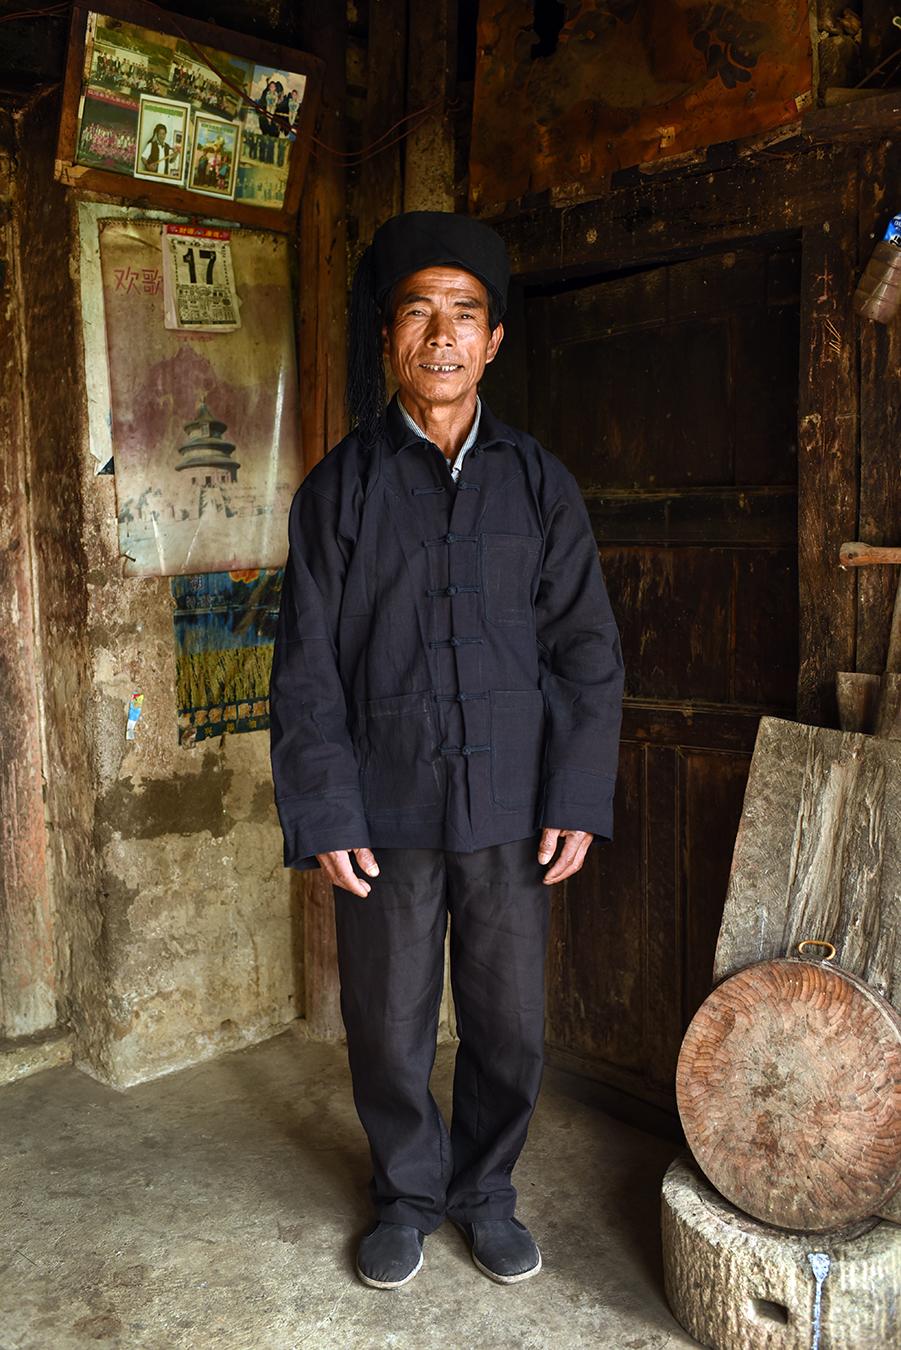 Hani man, a member of polyphonic singing intangible cultural heritage, Puchun village, Yunnan, 2017.